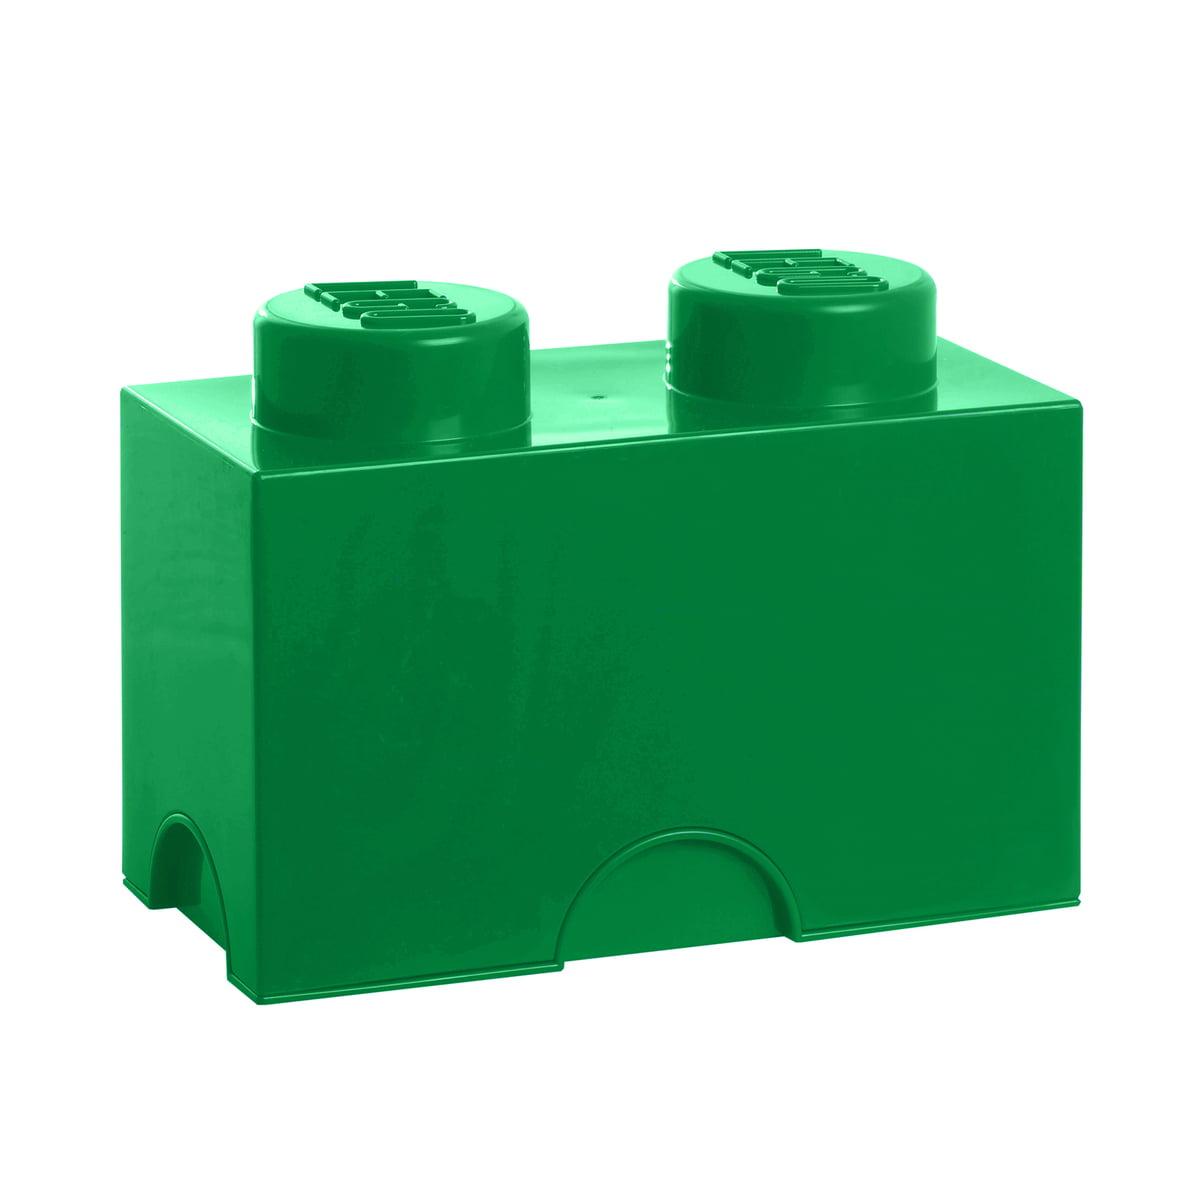 Lego - Storage Brick 2, dunkelgrün | Kinderzimmer | Grün | Polypropylen (pp) | Lego